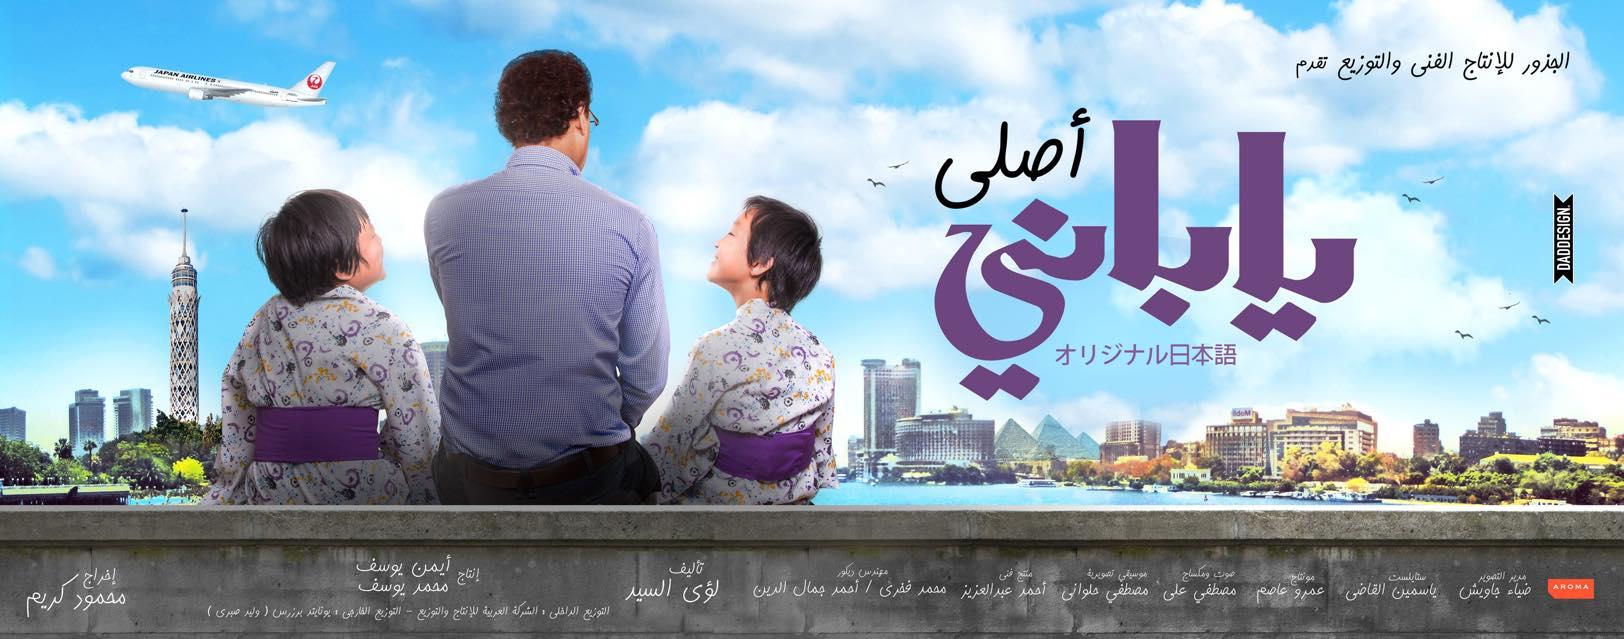 أفيش فيلم يابانى أصلى لأحمد عيد